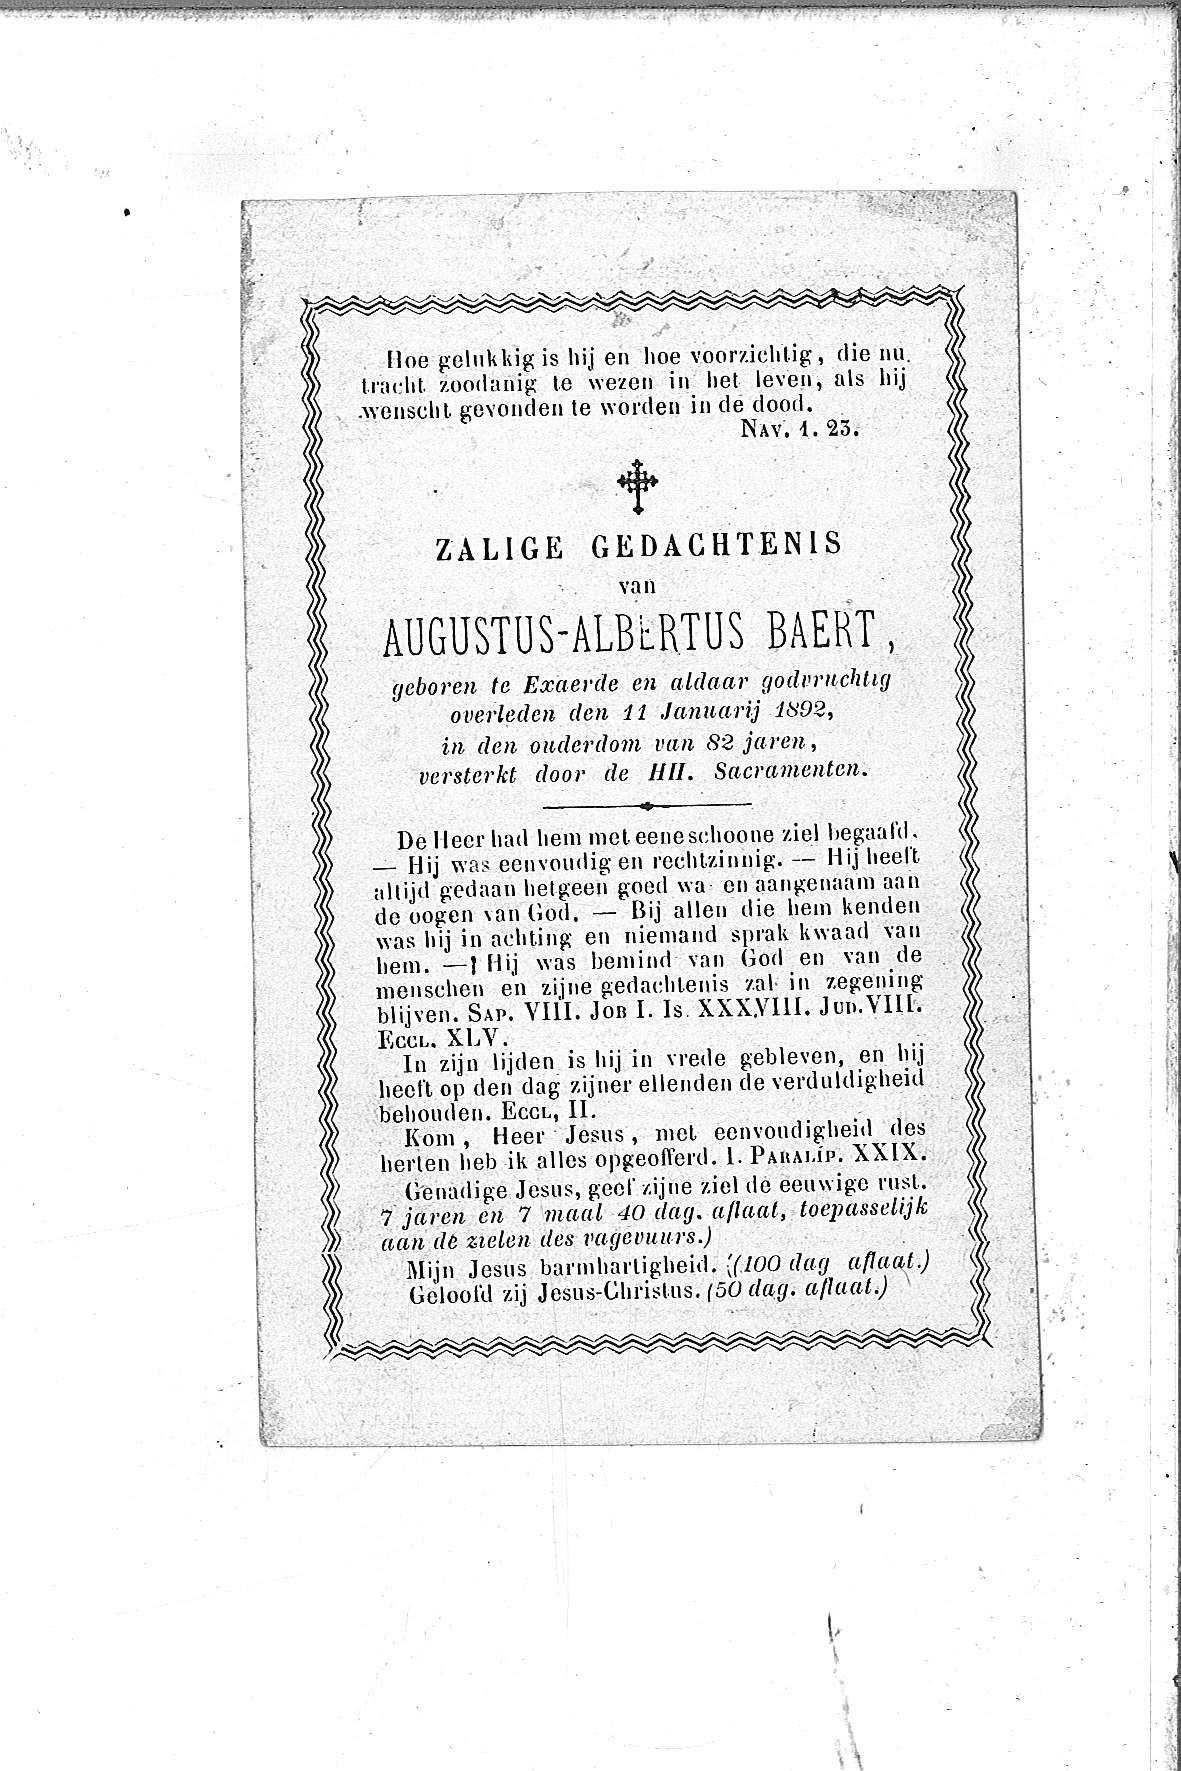 Augustus-Albertus(1892)20140701140405_00002.jpg